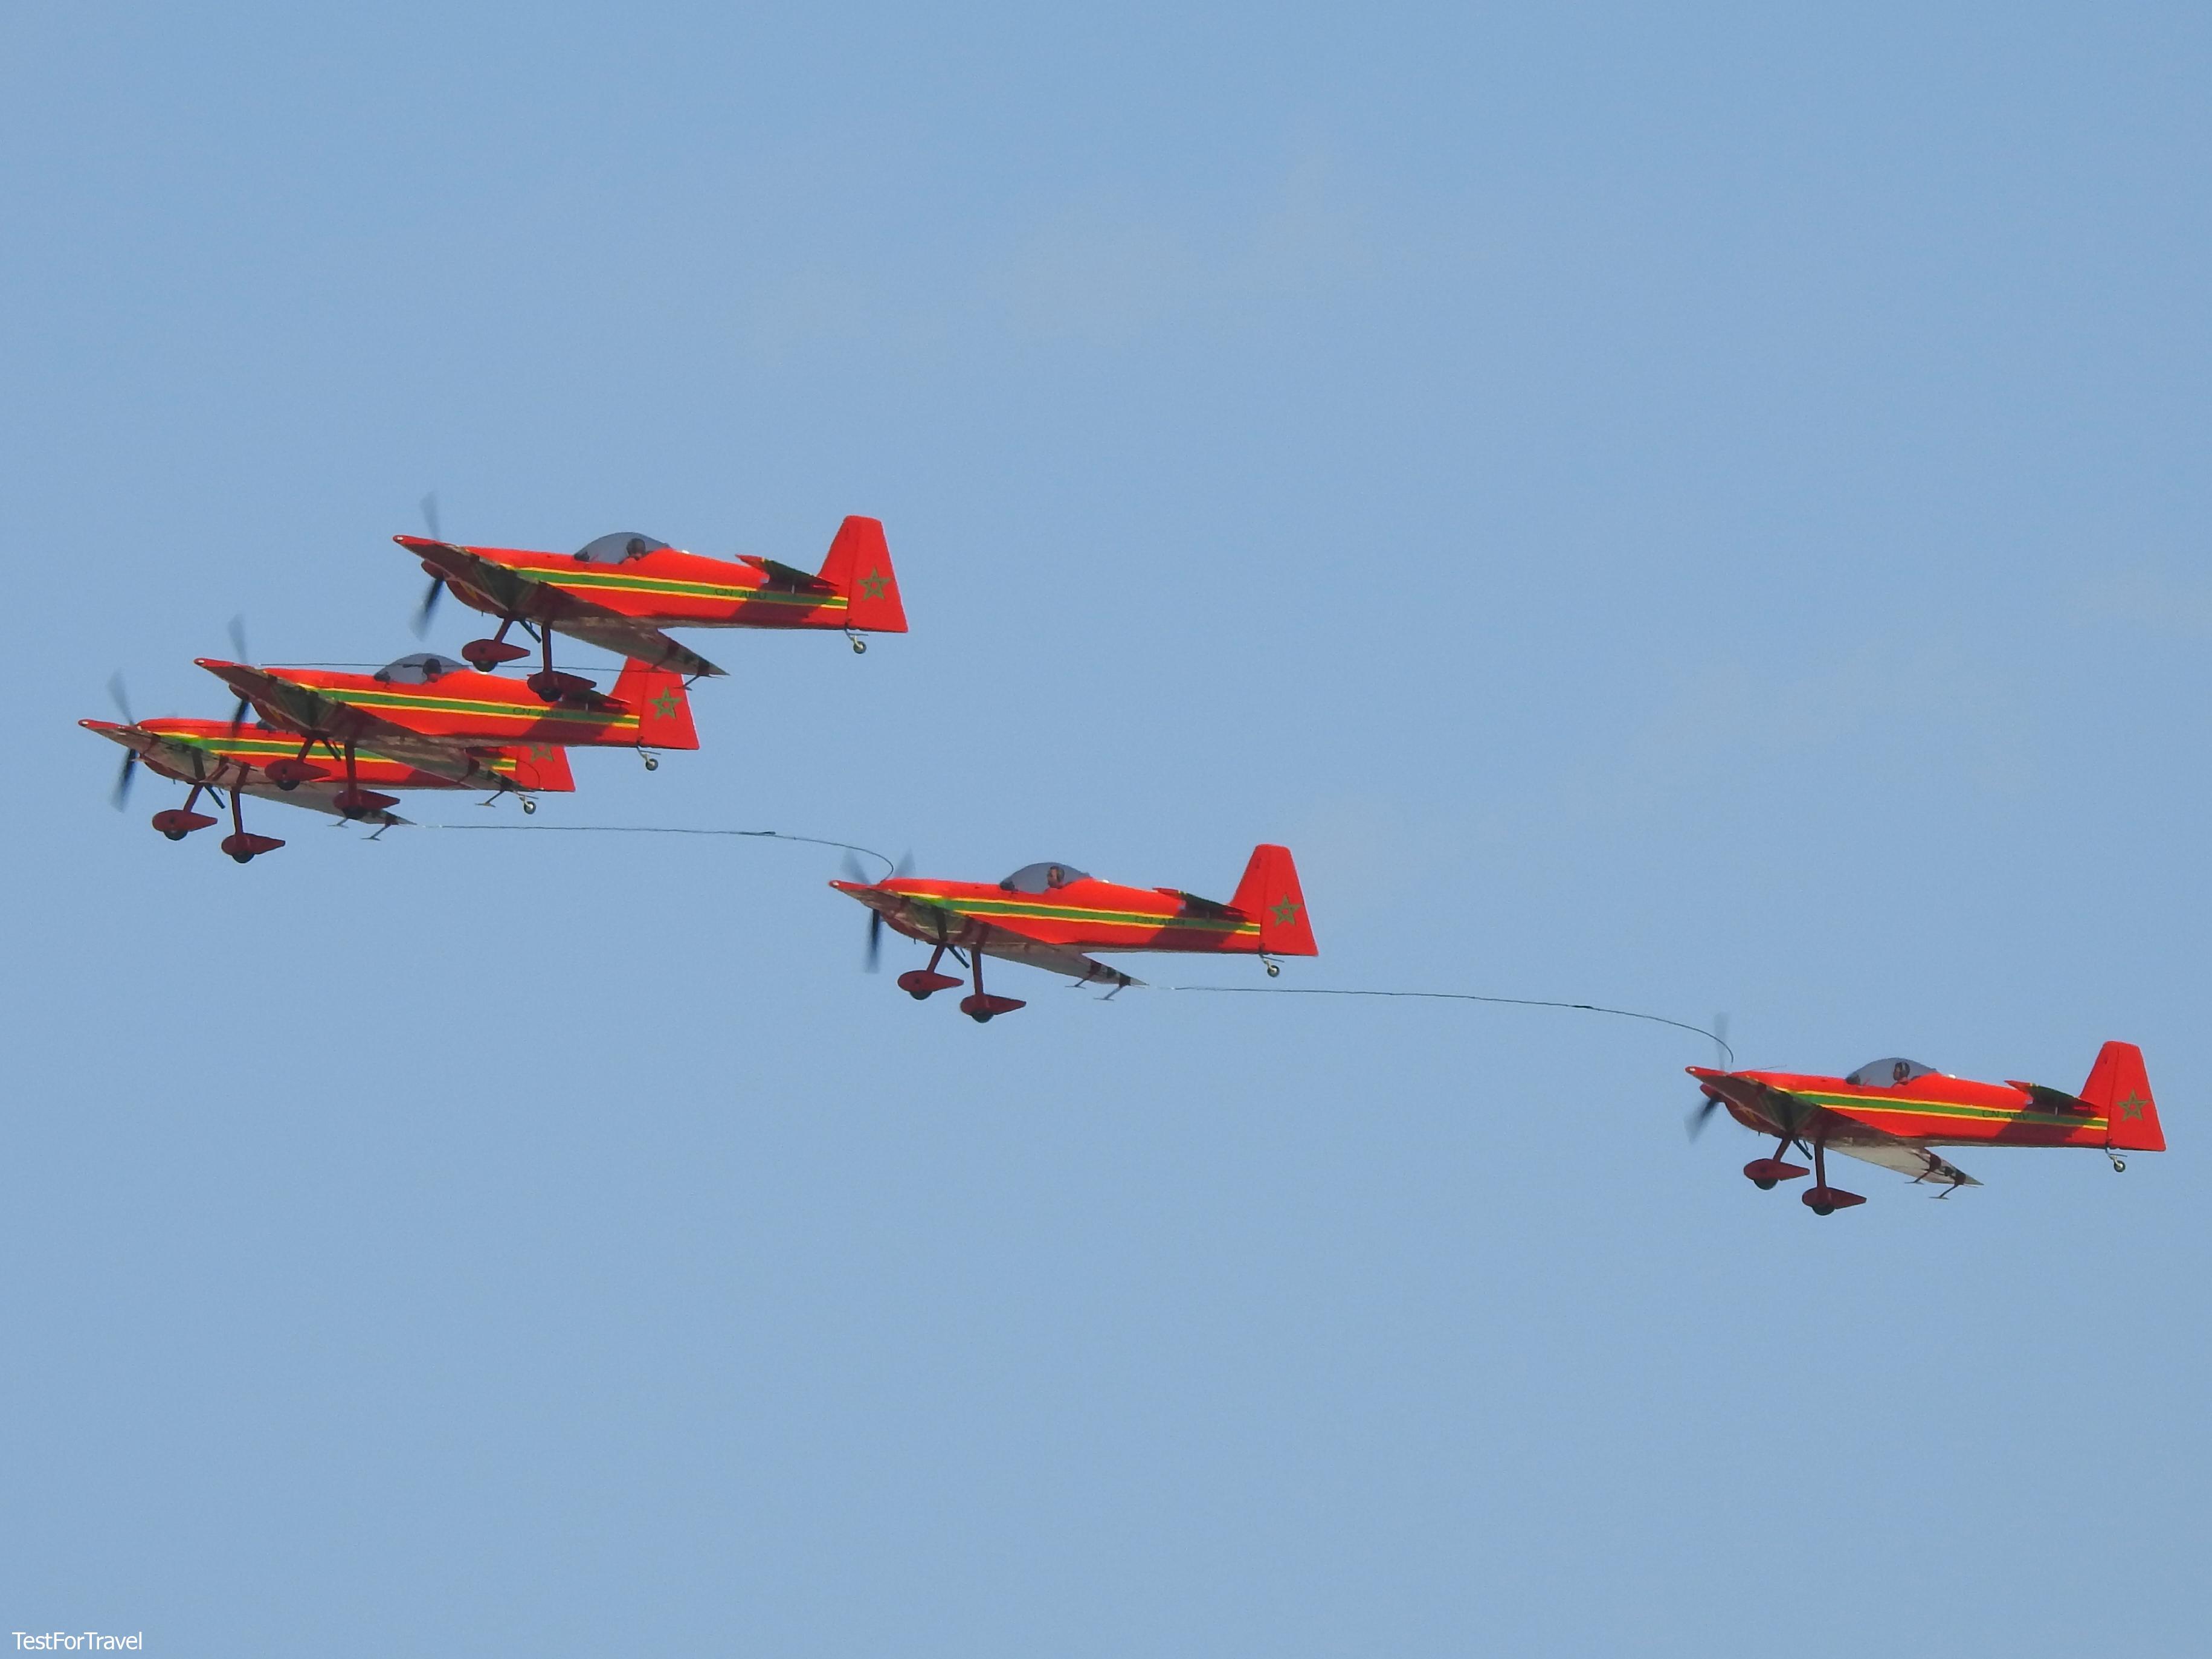 la patrouille acrobatique : la marche verte - Page 9 45006828602_7789a8057f_o